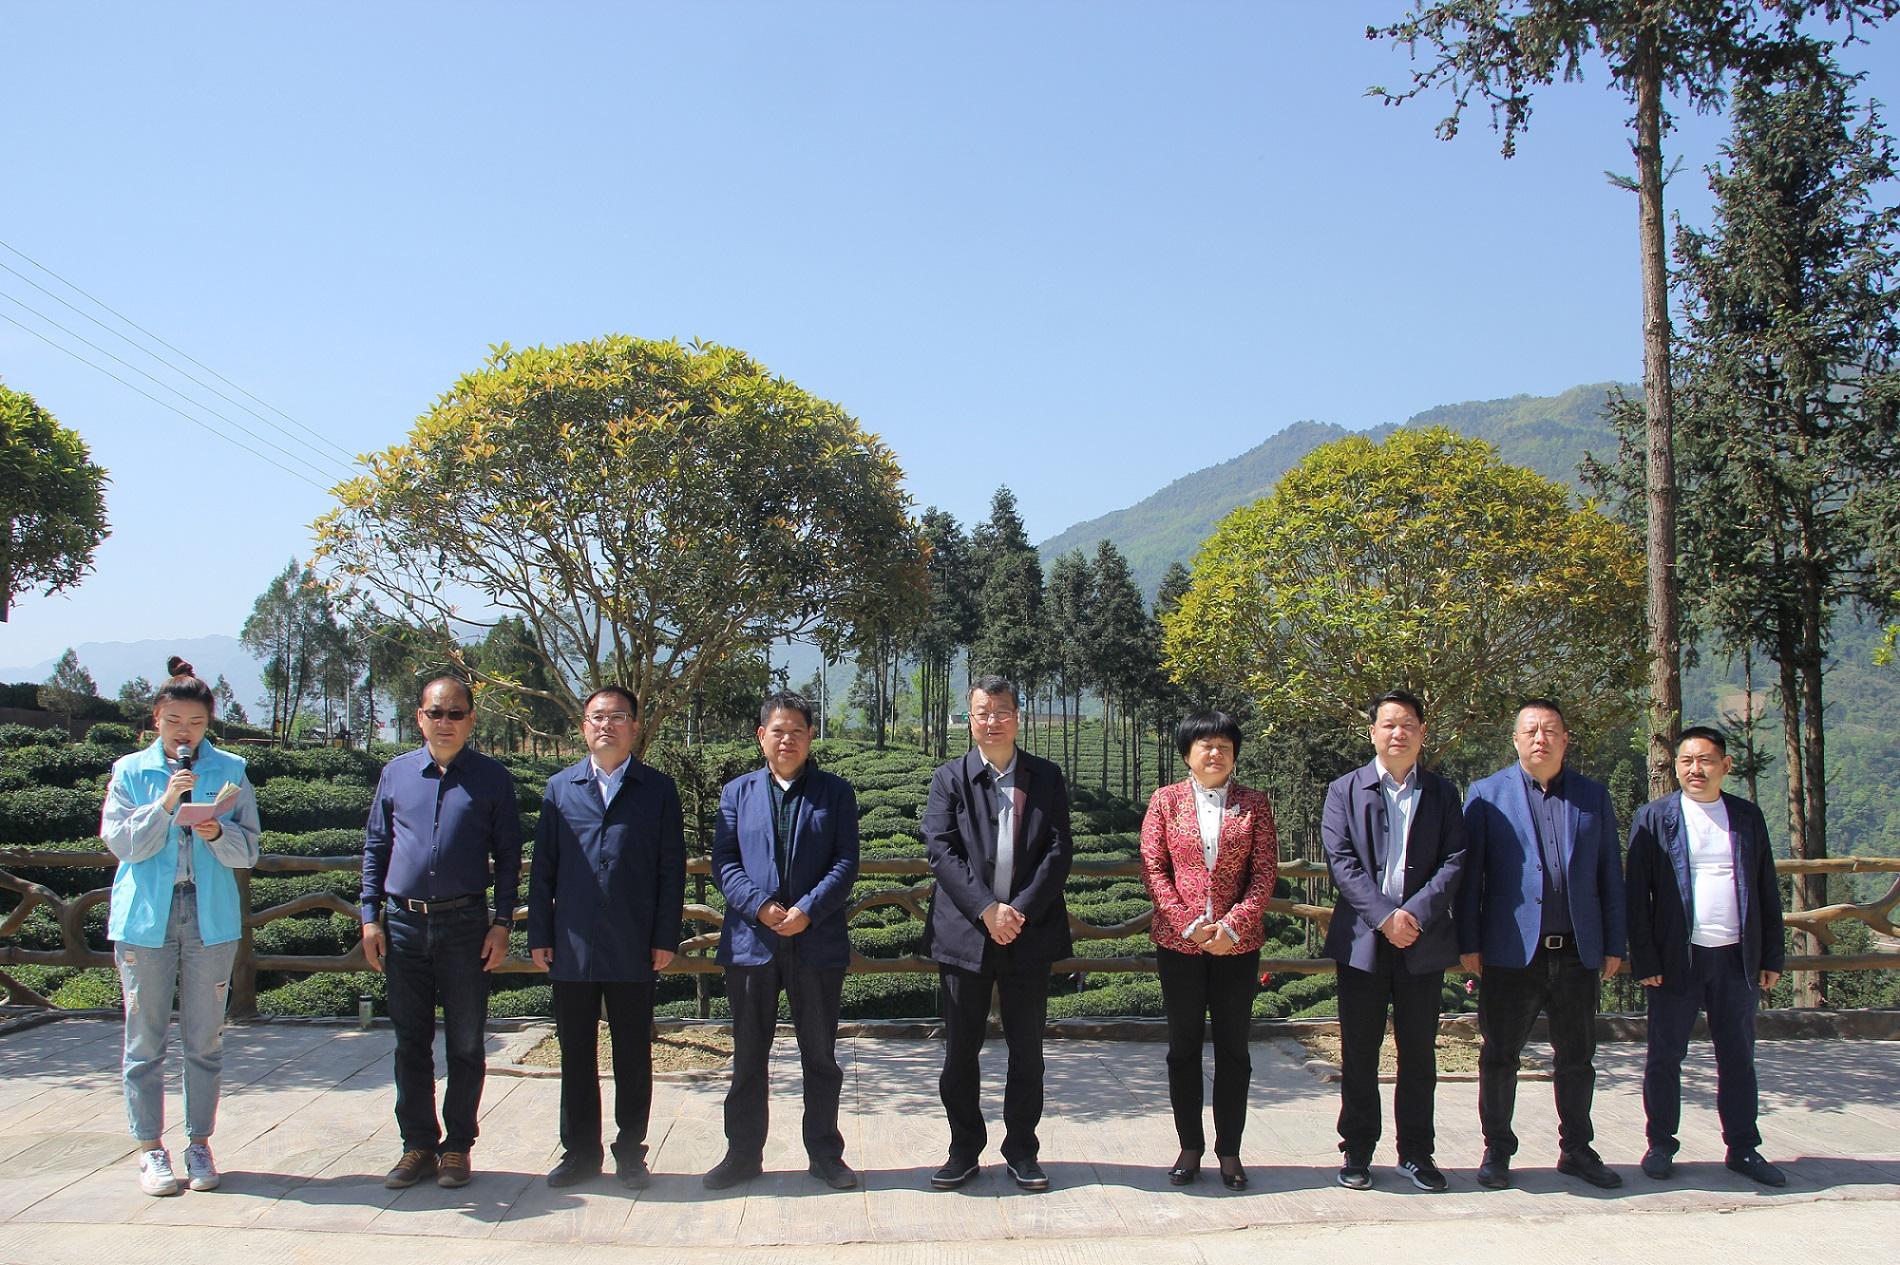 陕西省农业厅副厅长王韬、陕西省商务厅副厅长郭绍敏等人为陕茶代言